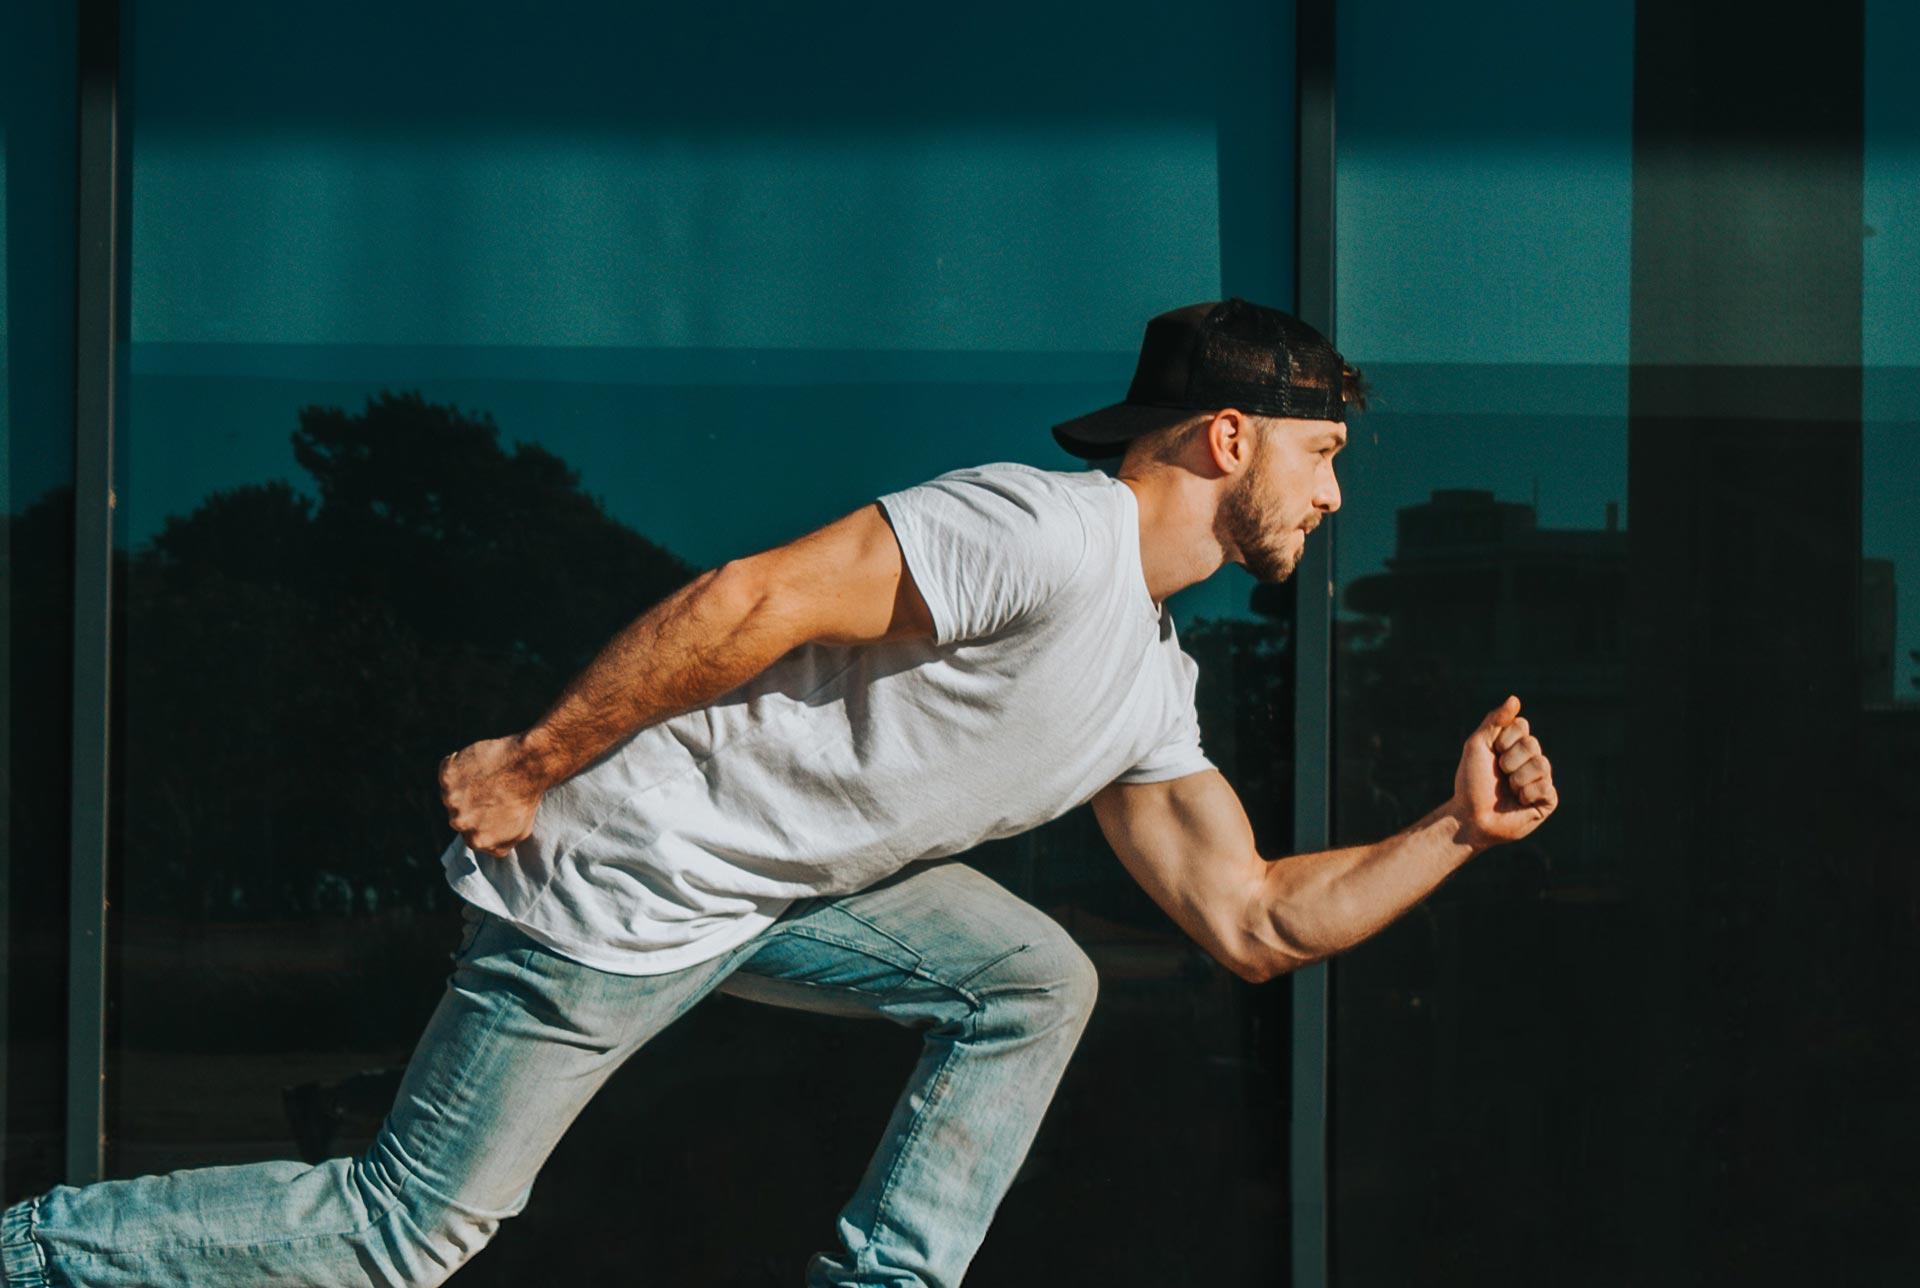 Hero image of man running